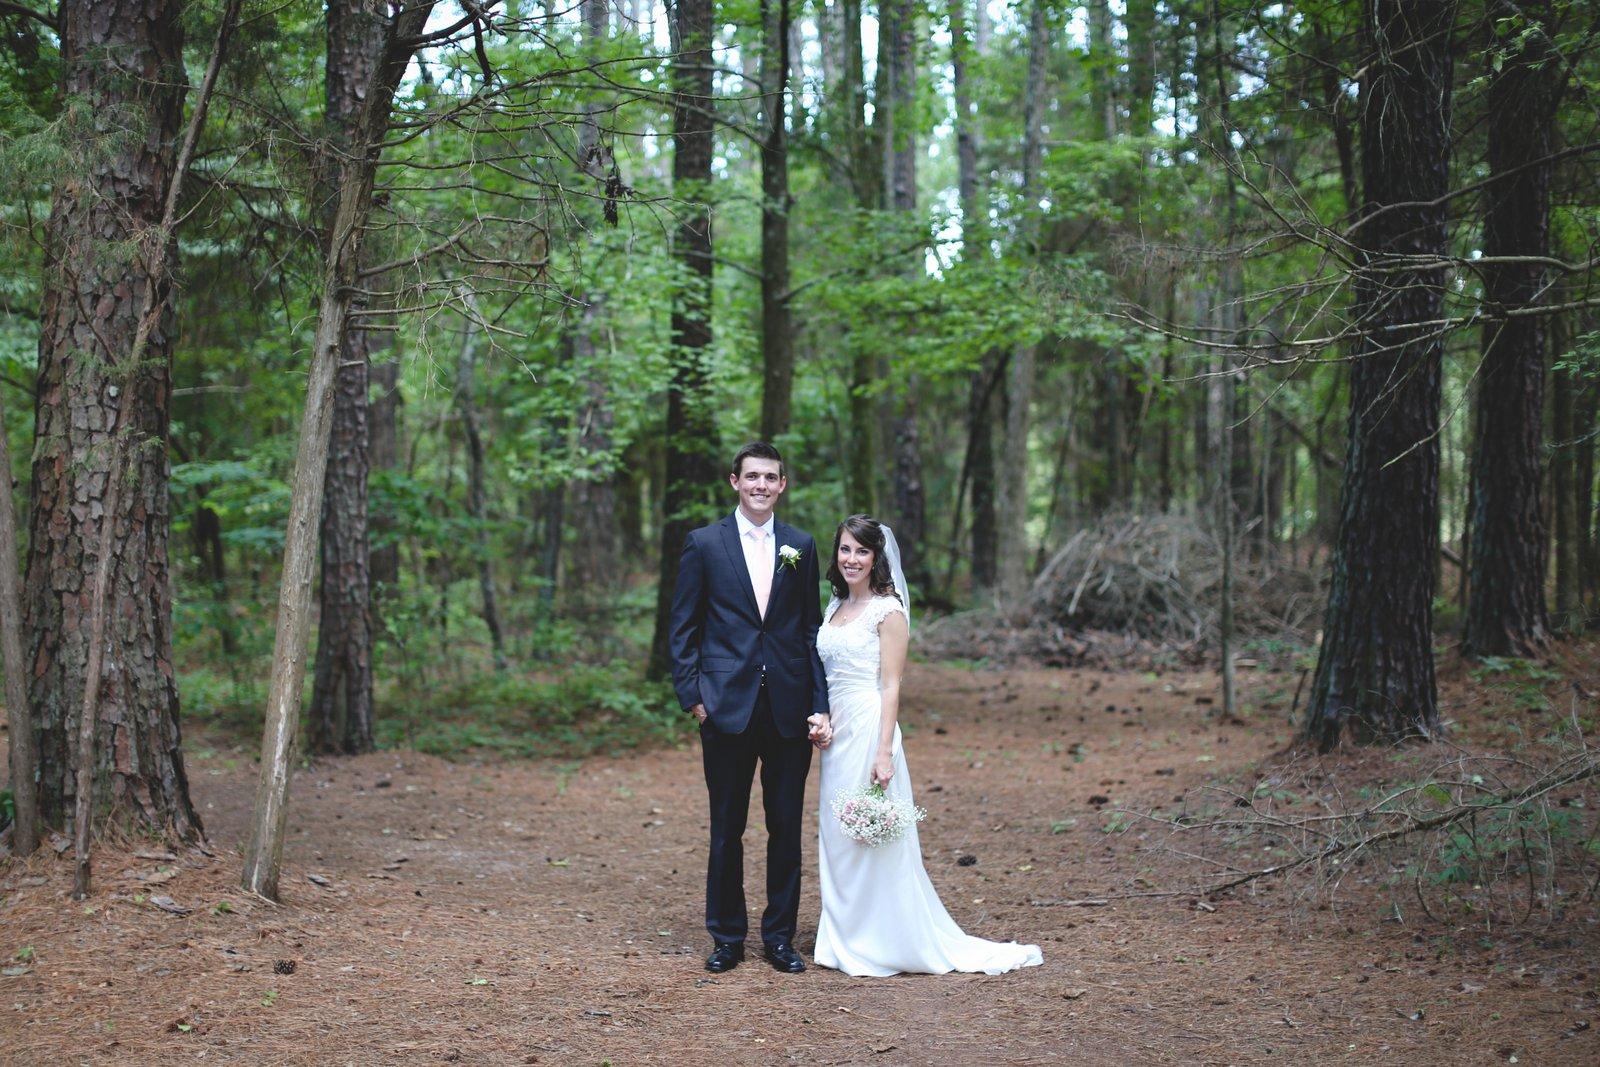 AaronHanna-weddingparty-1-99.jpg